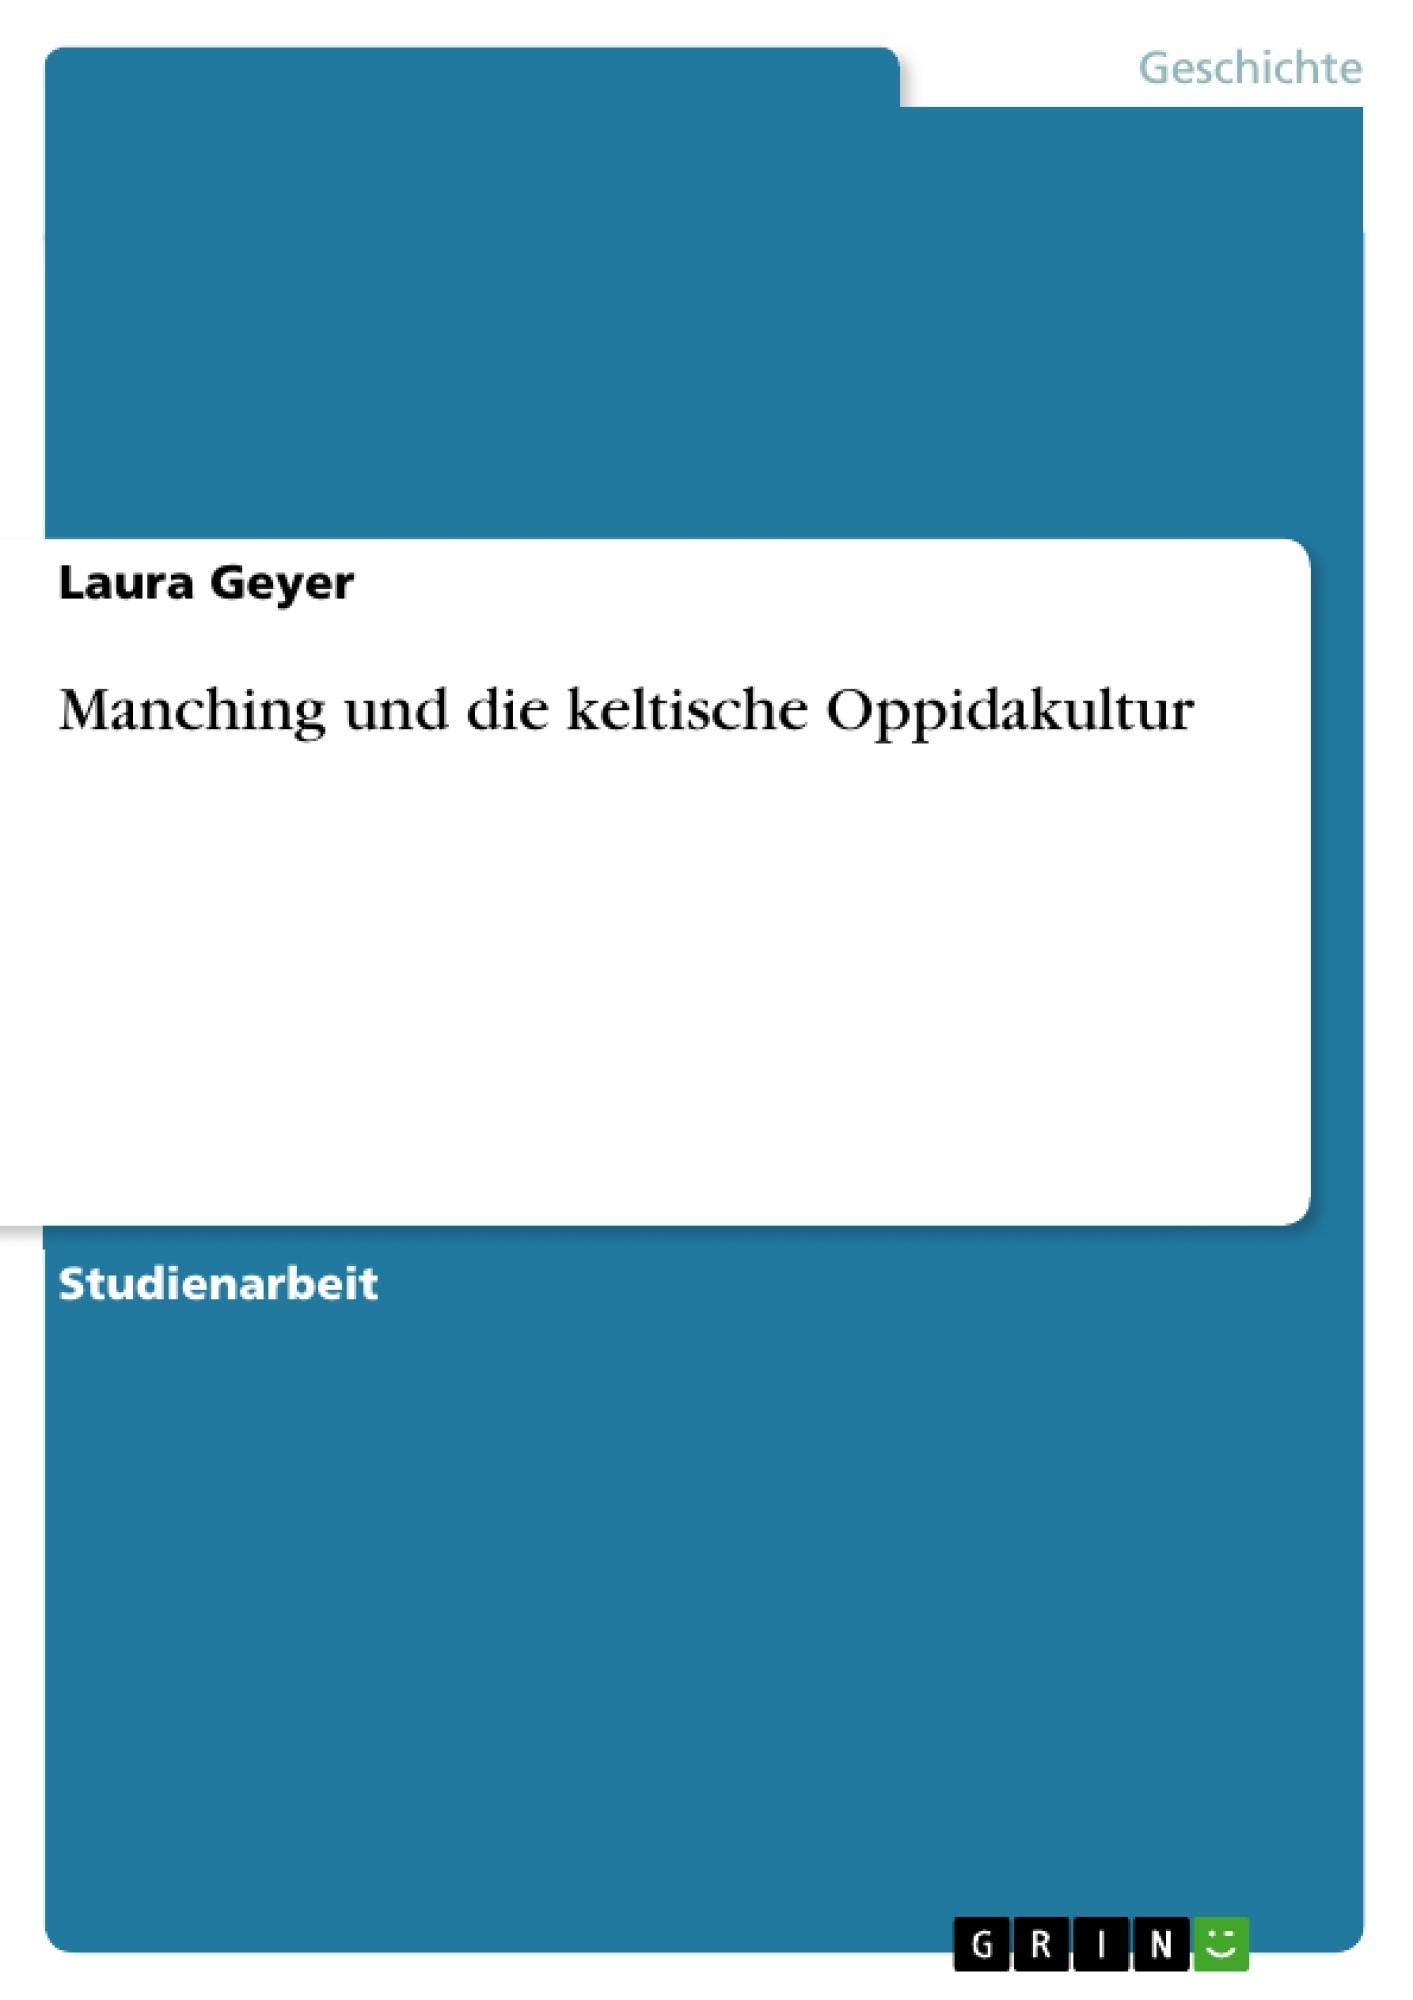 Titel: Manching und die keltische Oppidakultur